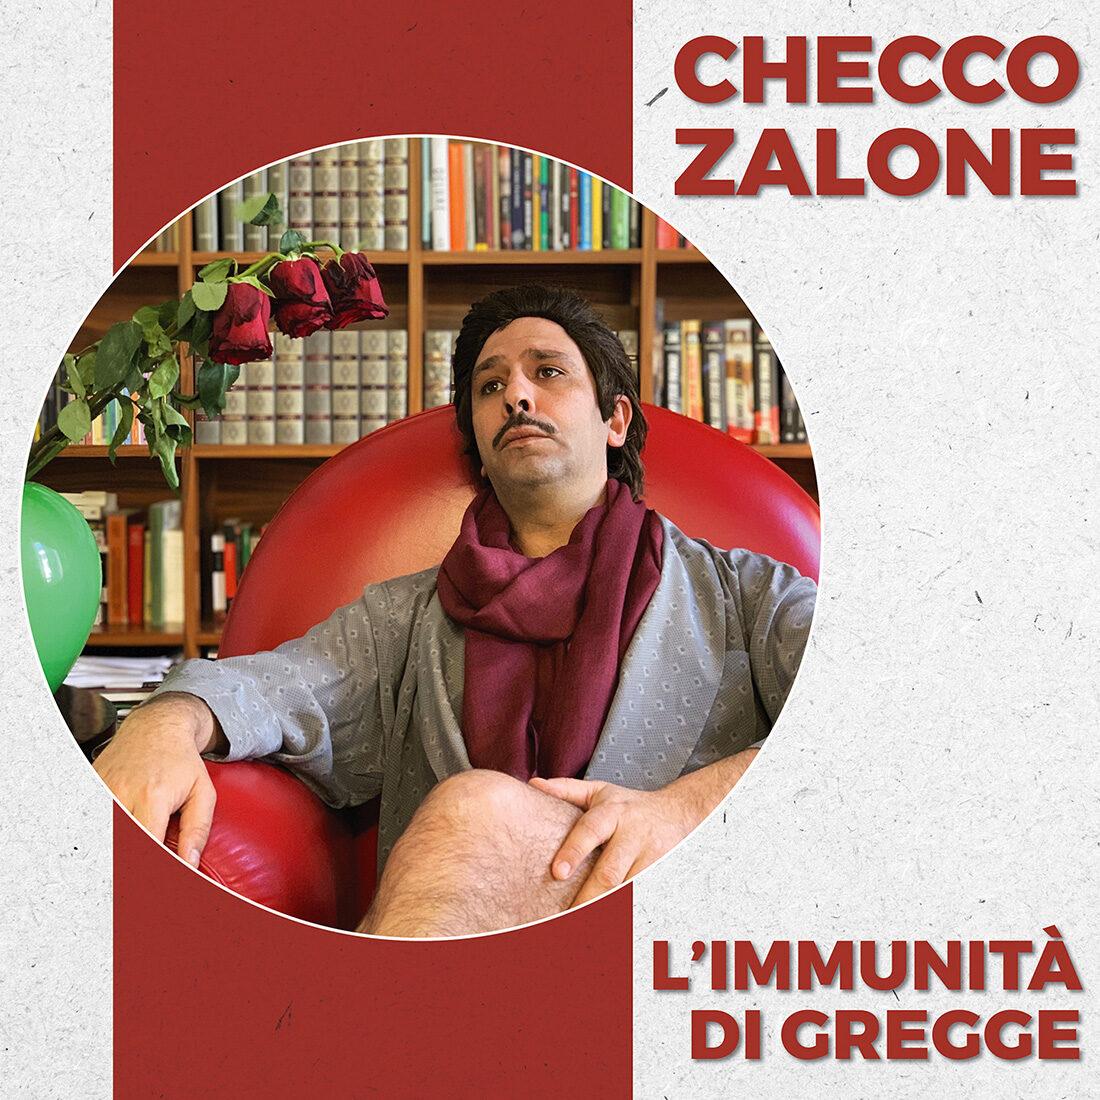 Checco zalone Dionisio Beatrice